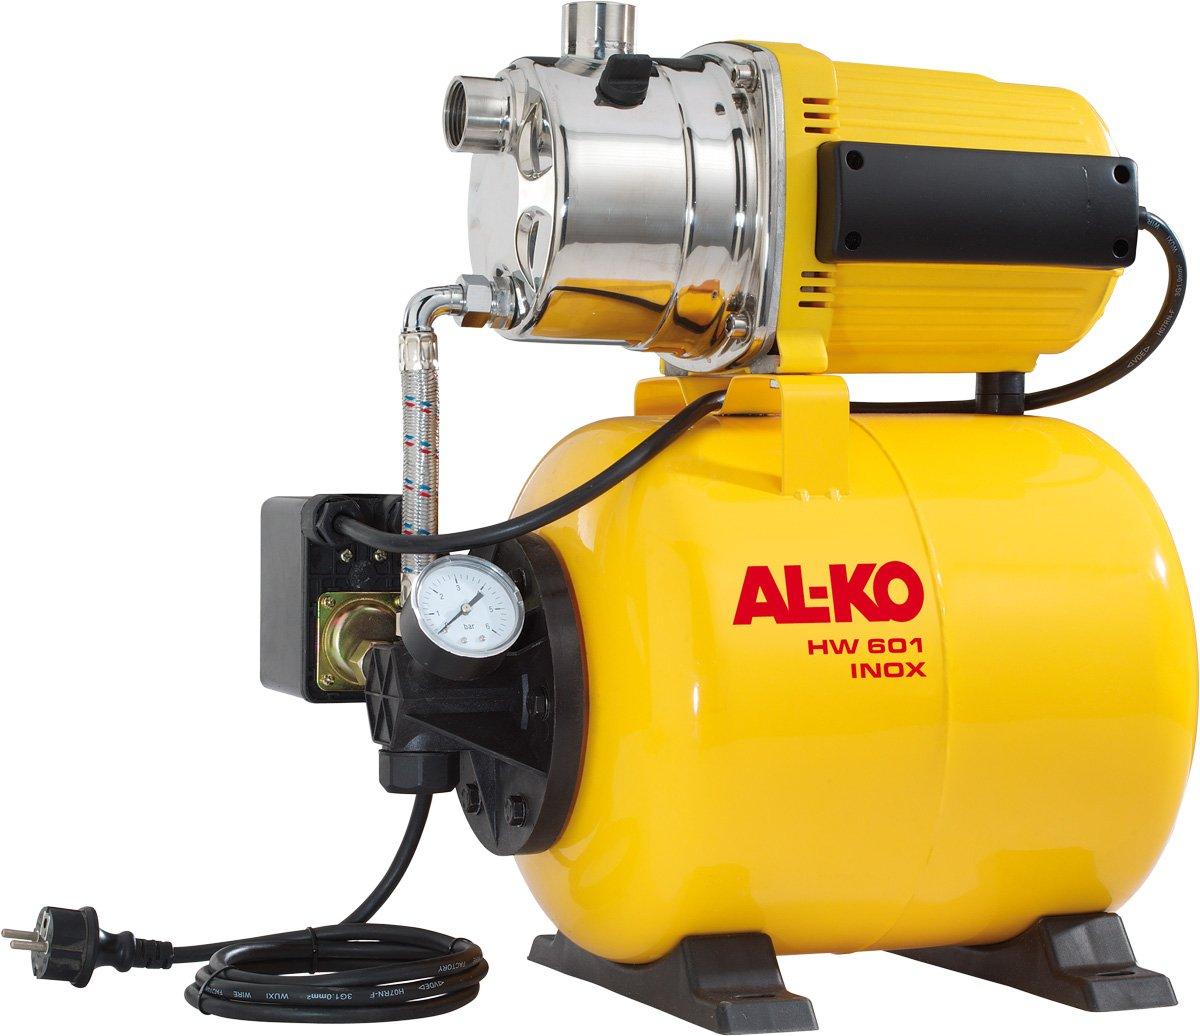 ALKO 112371 HW 601 Inox Hauswasserwerk, 3100 L/h  BaumarktKundenbewertung und Beschreibung